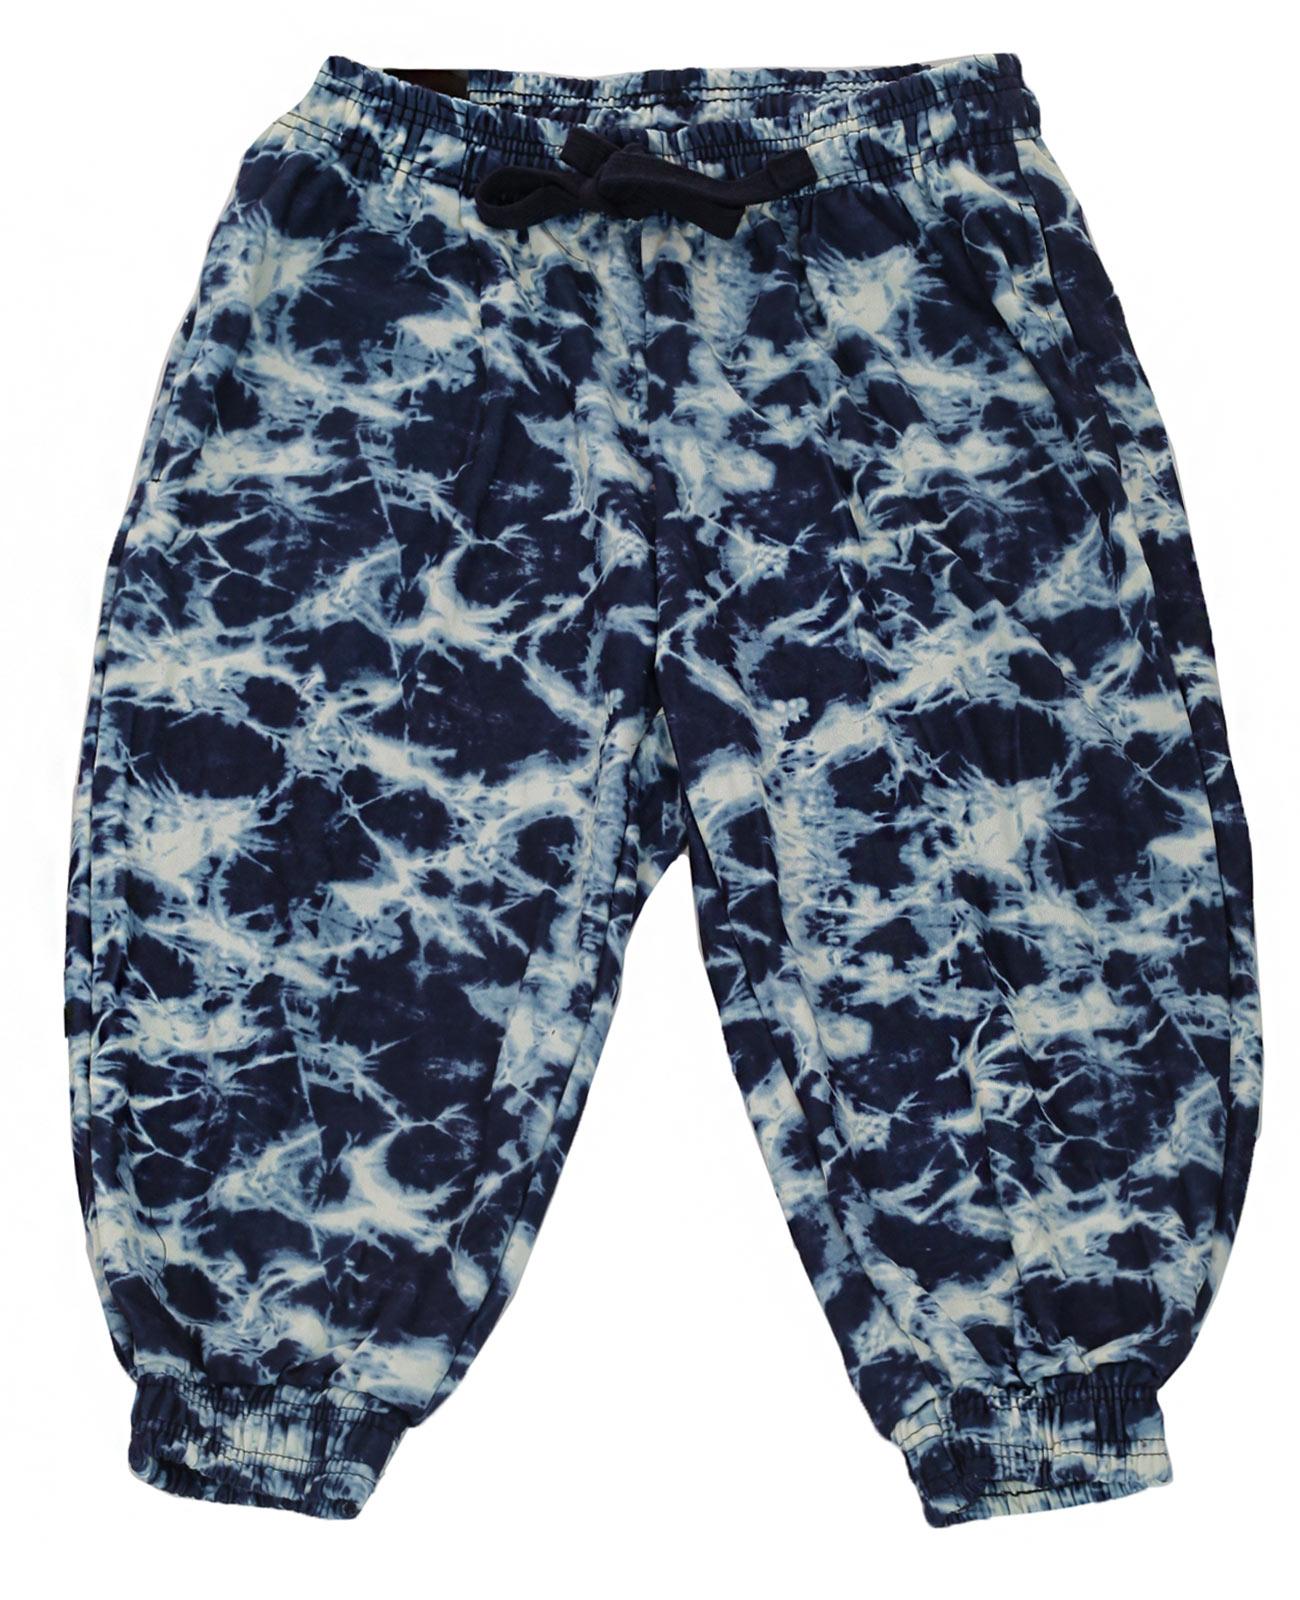 Купить в интернет магазине мужские шорты-бриджи с флисом